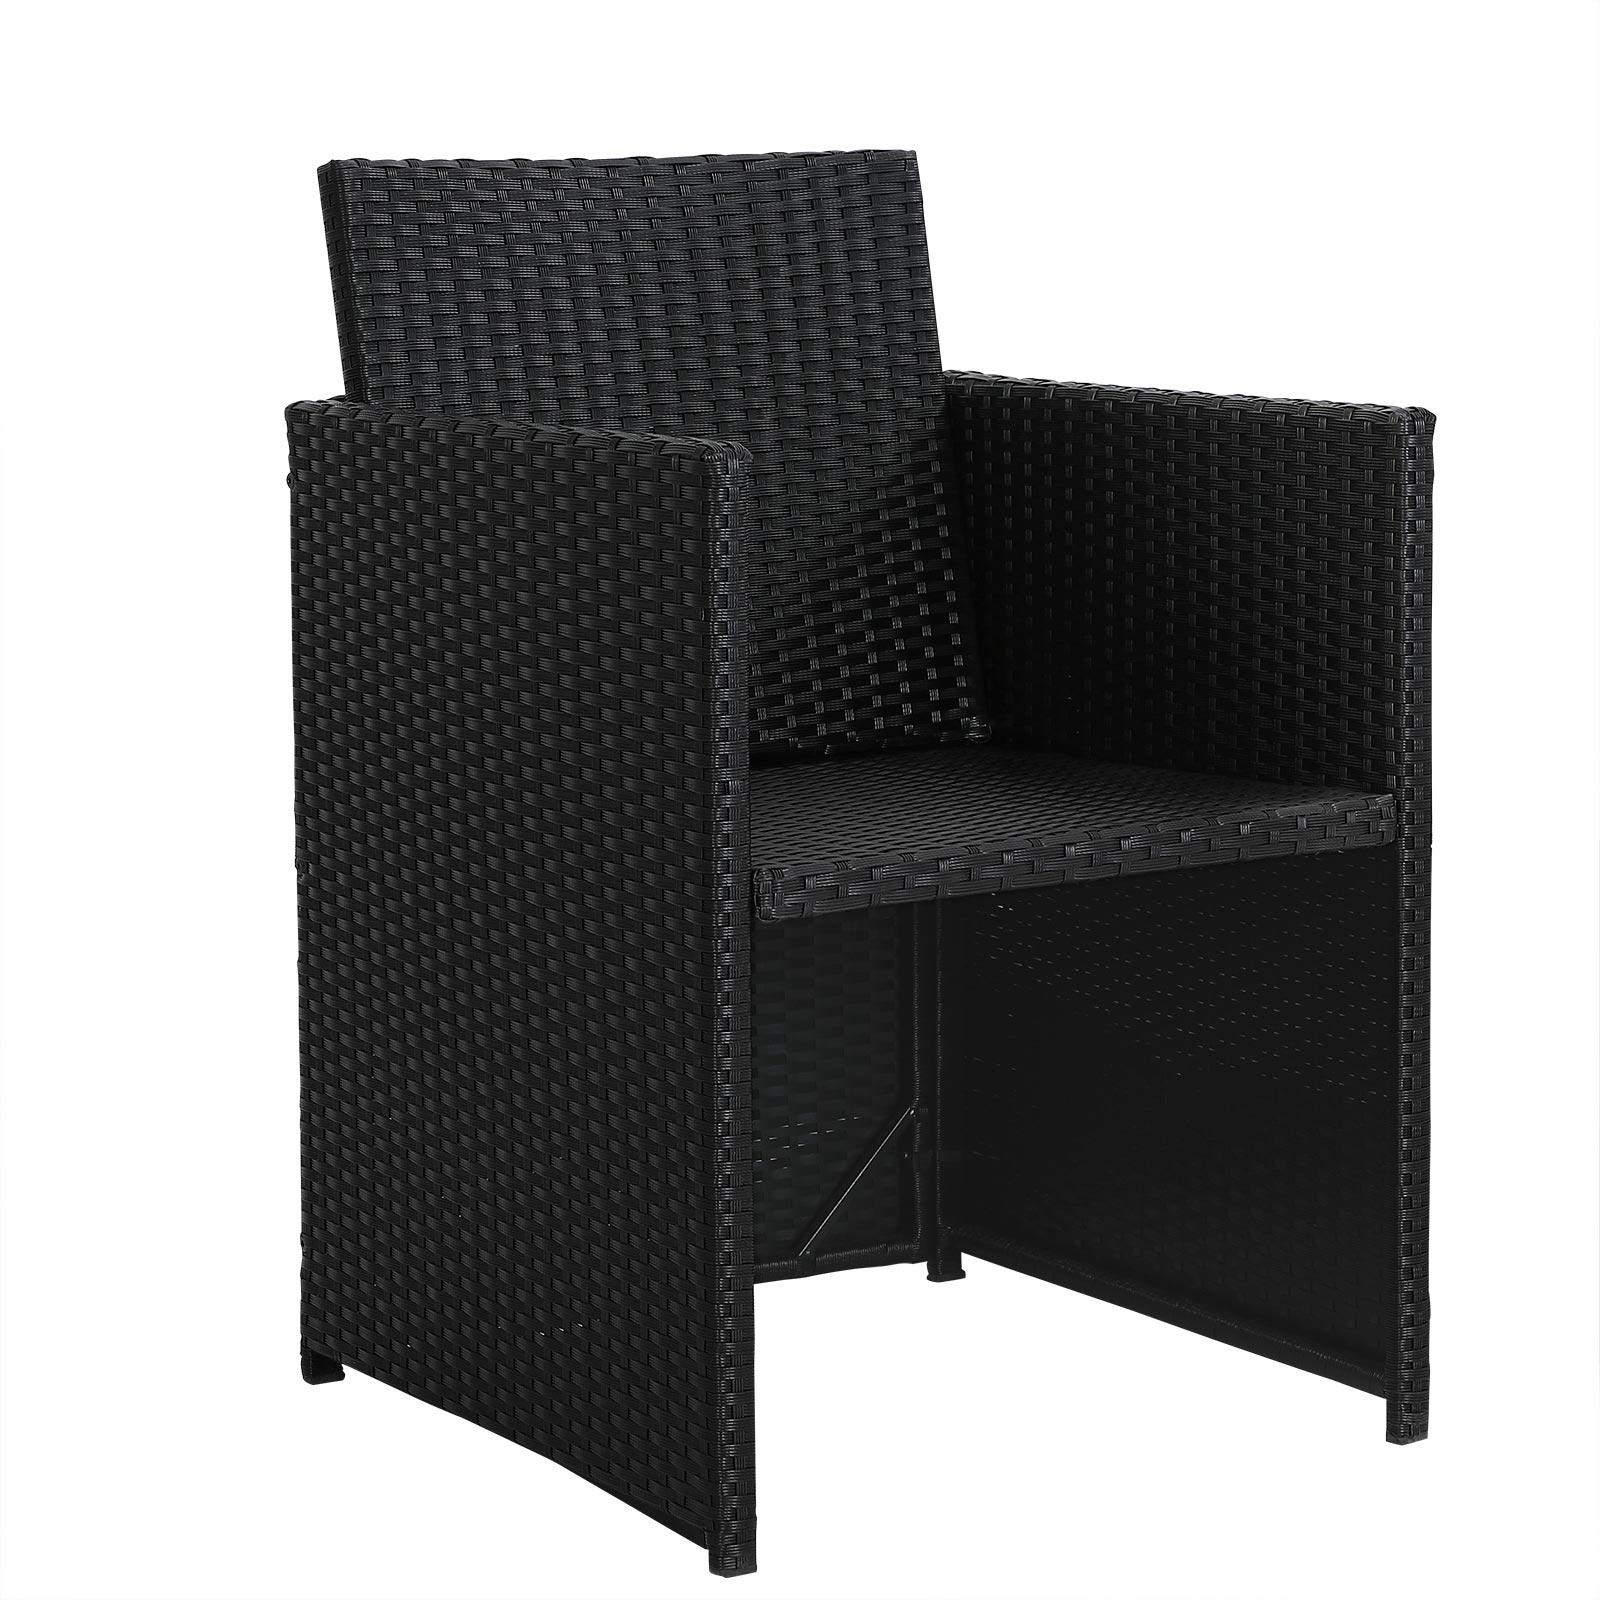 6er set poly ratten gartenst hle gartenm bel garten stuhl sessel kissen schwarz ebay. Black Bedroom Furniture Sets. Home Design Ideas